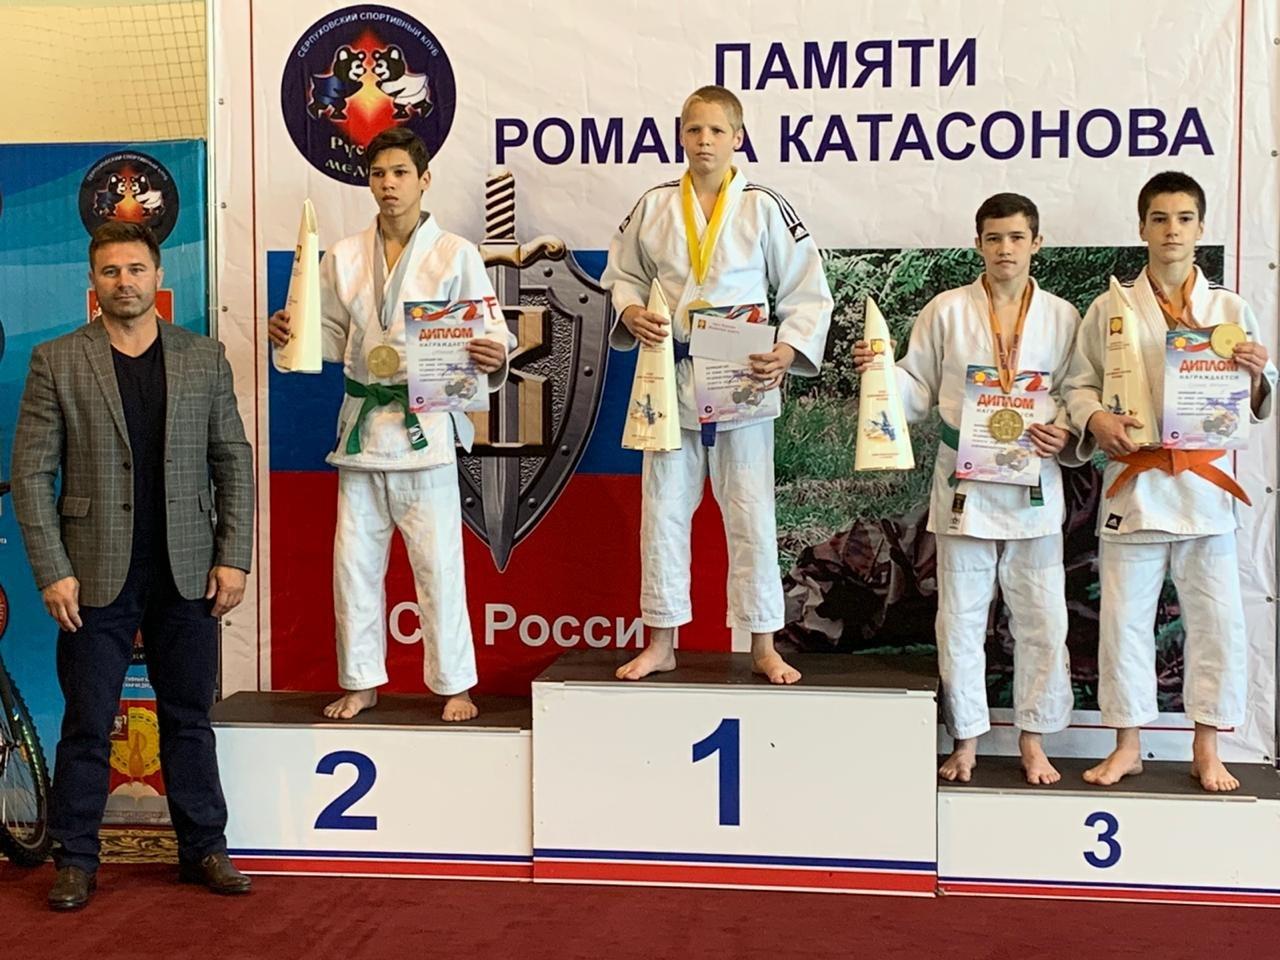 КОЛОМНАСПОРТ - Спорт в Коломне Коломенский дзюдоист стал призером областных соревнований